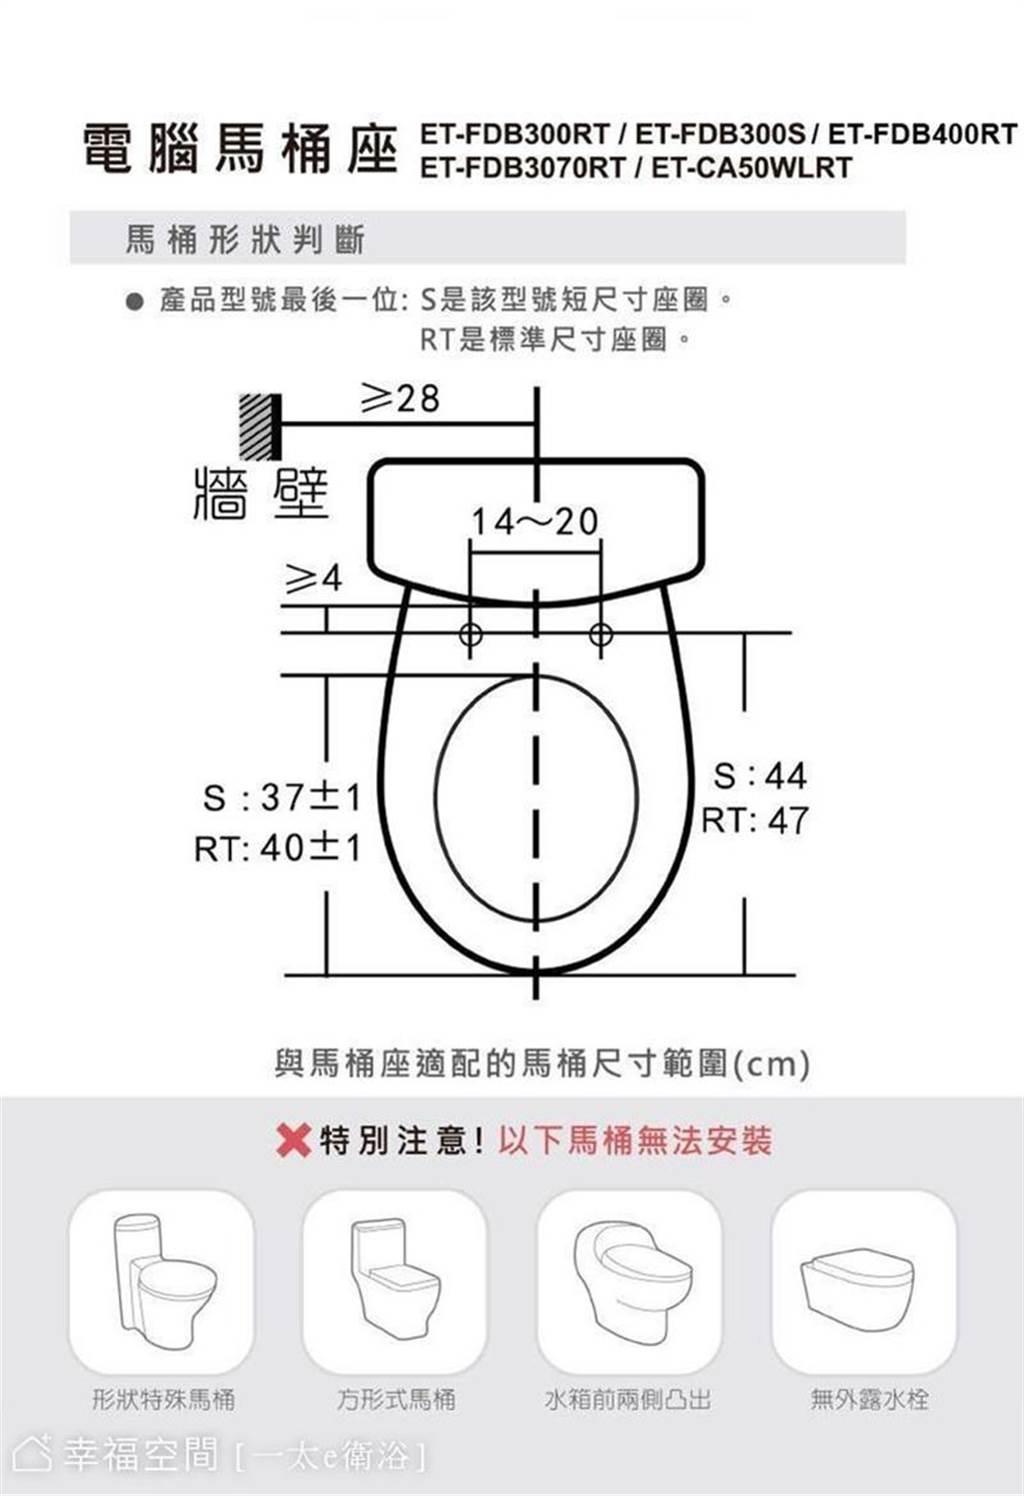 購買馬桶座前,必須拆除馬桶座測量2個固定螺絲孔的間距,以及兩個螺絲孔中心點到馬桶外緣的距離,以免買到不合尺寸的商品。(圖片提供/一太e衛浴)